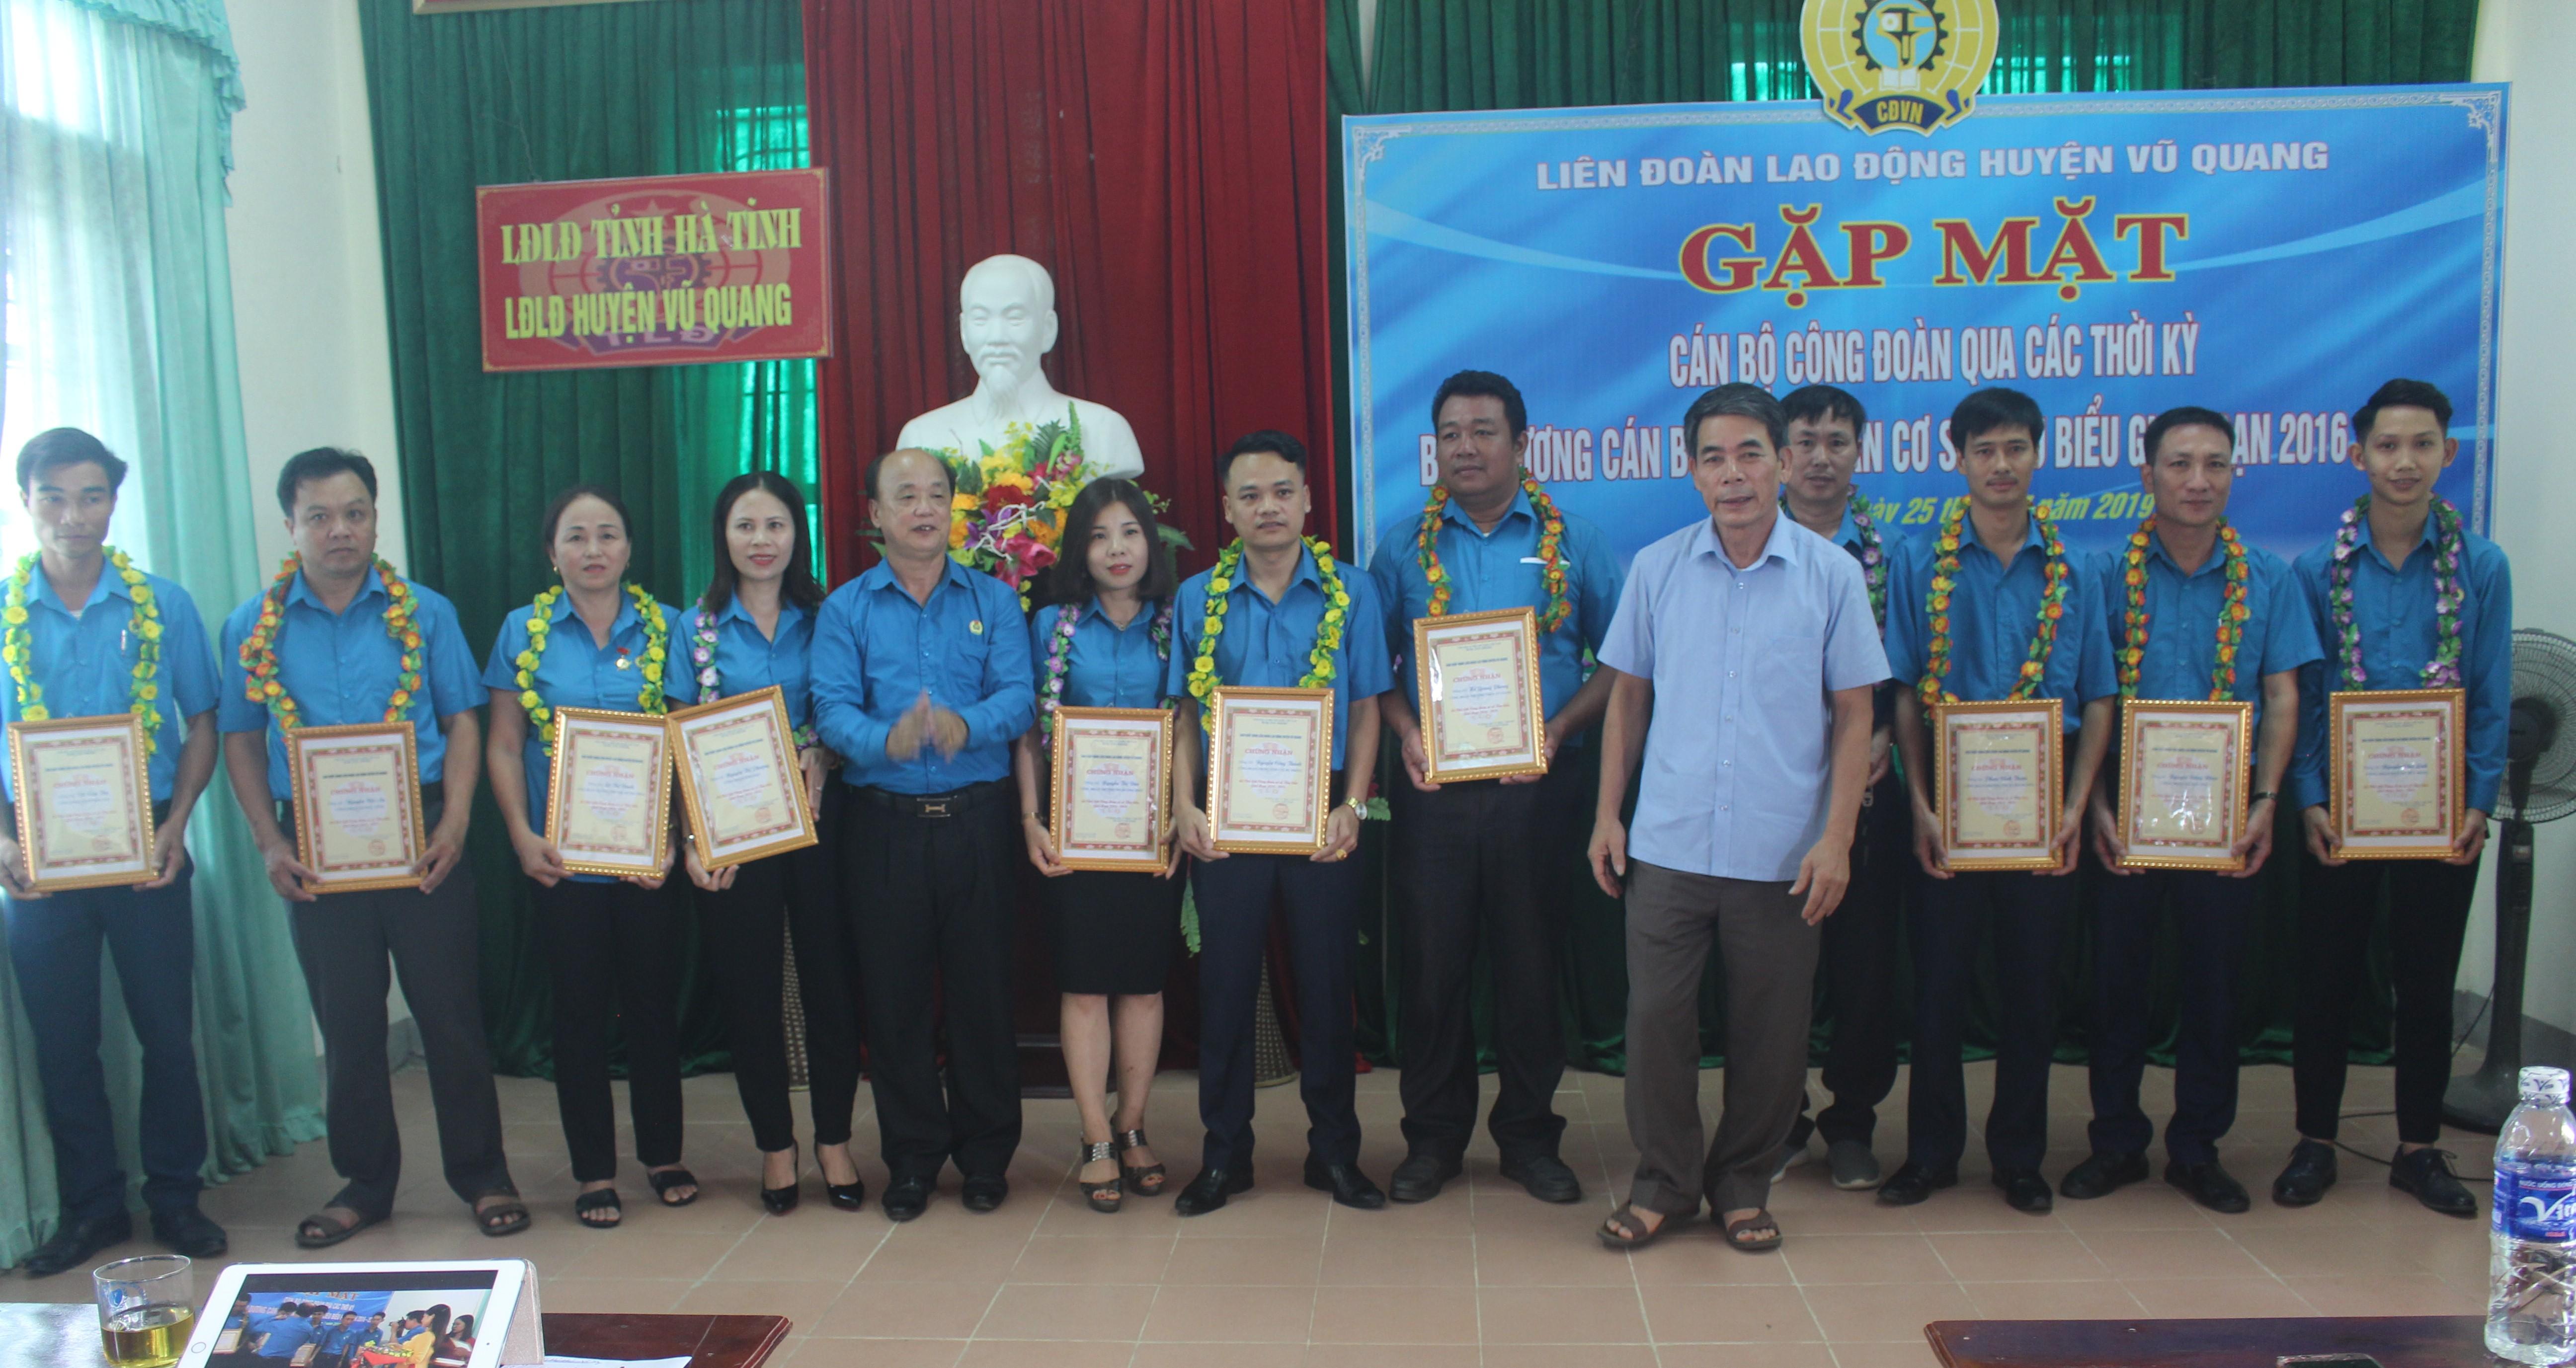 Vũ Quang: Gặp mặt cán bộ Công đoàn qua các thời kỳ và tôn vinh Chủ tịch CĐCS tiêu biểu